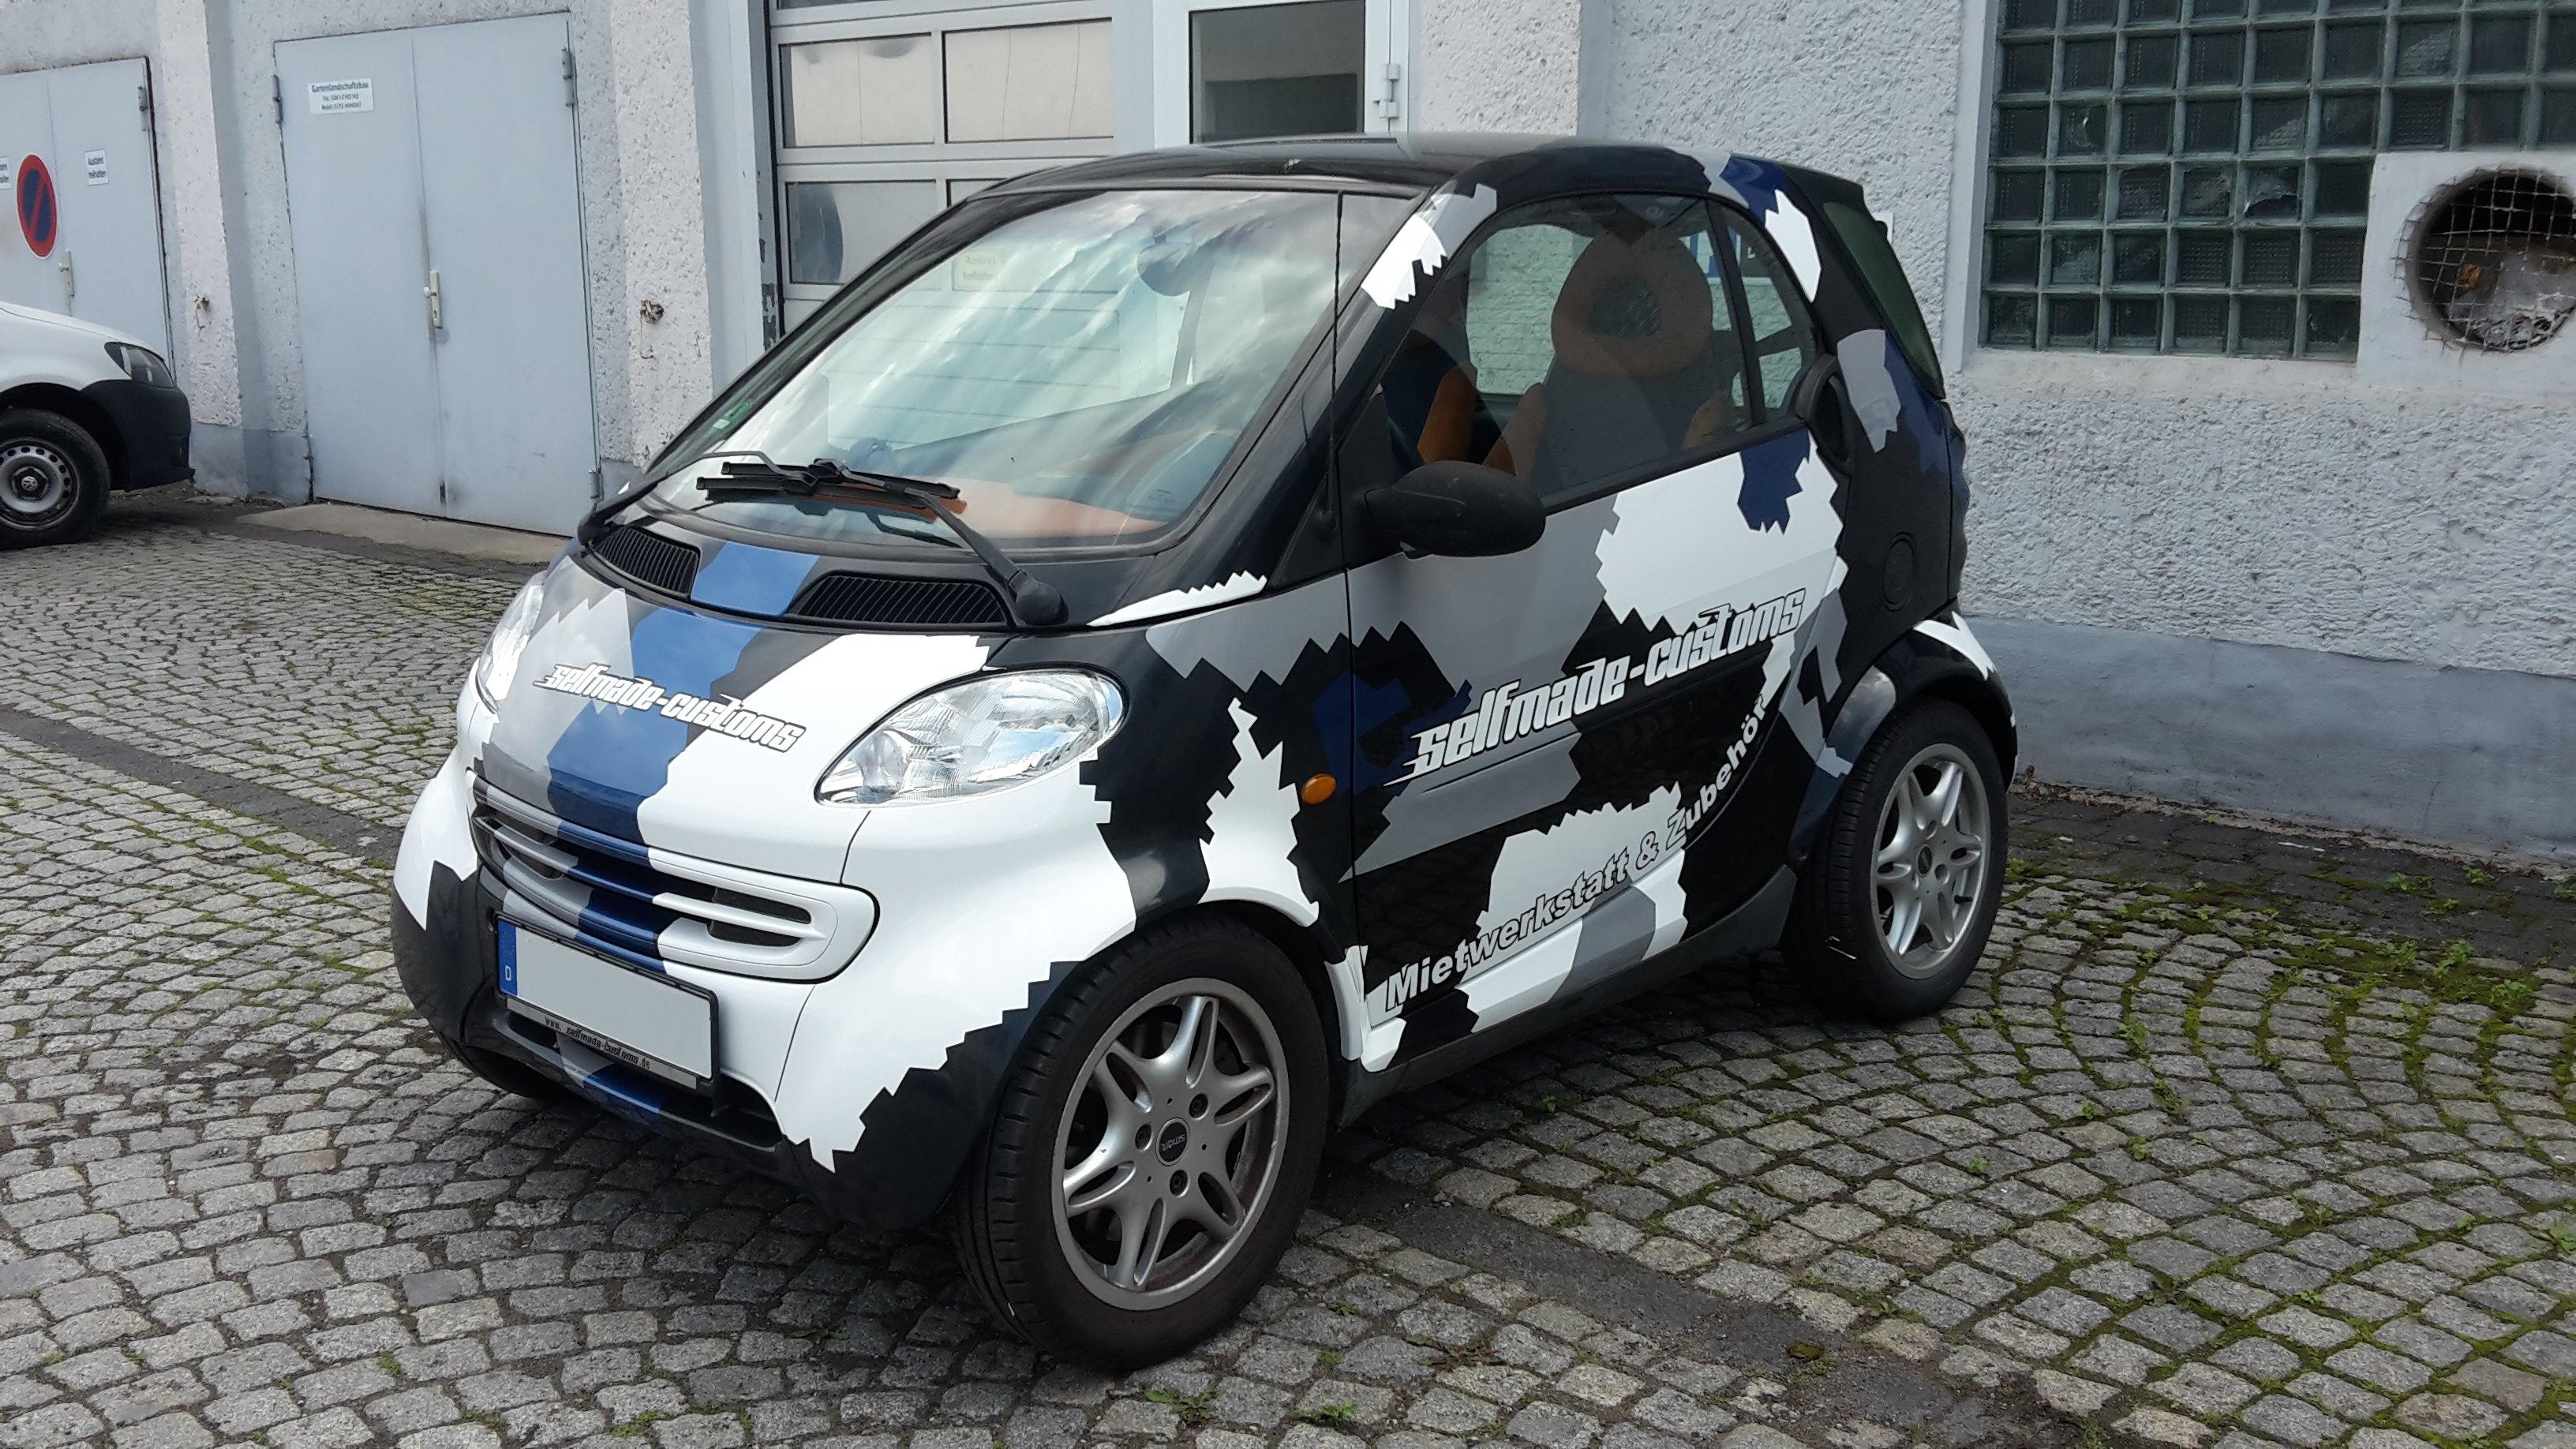 Fahrzeugteilfolierung selfmade customs